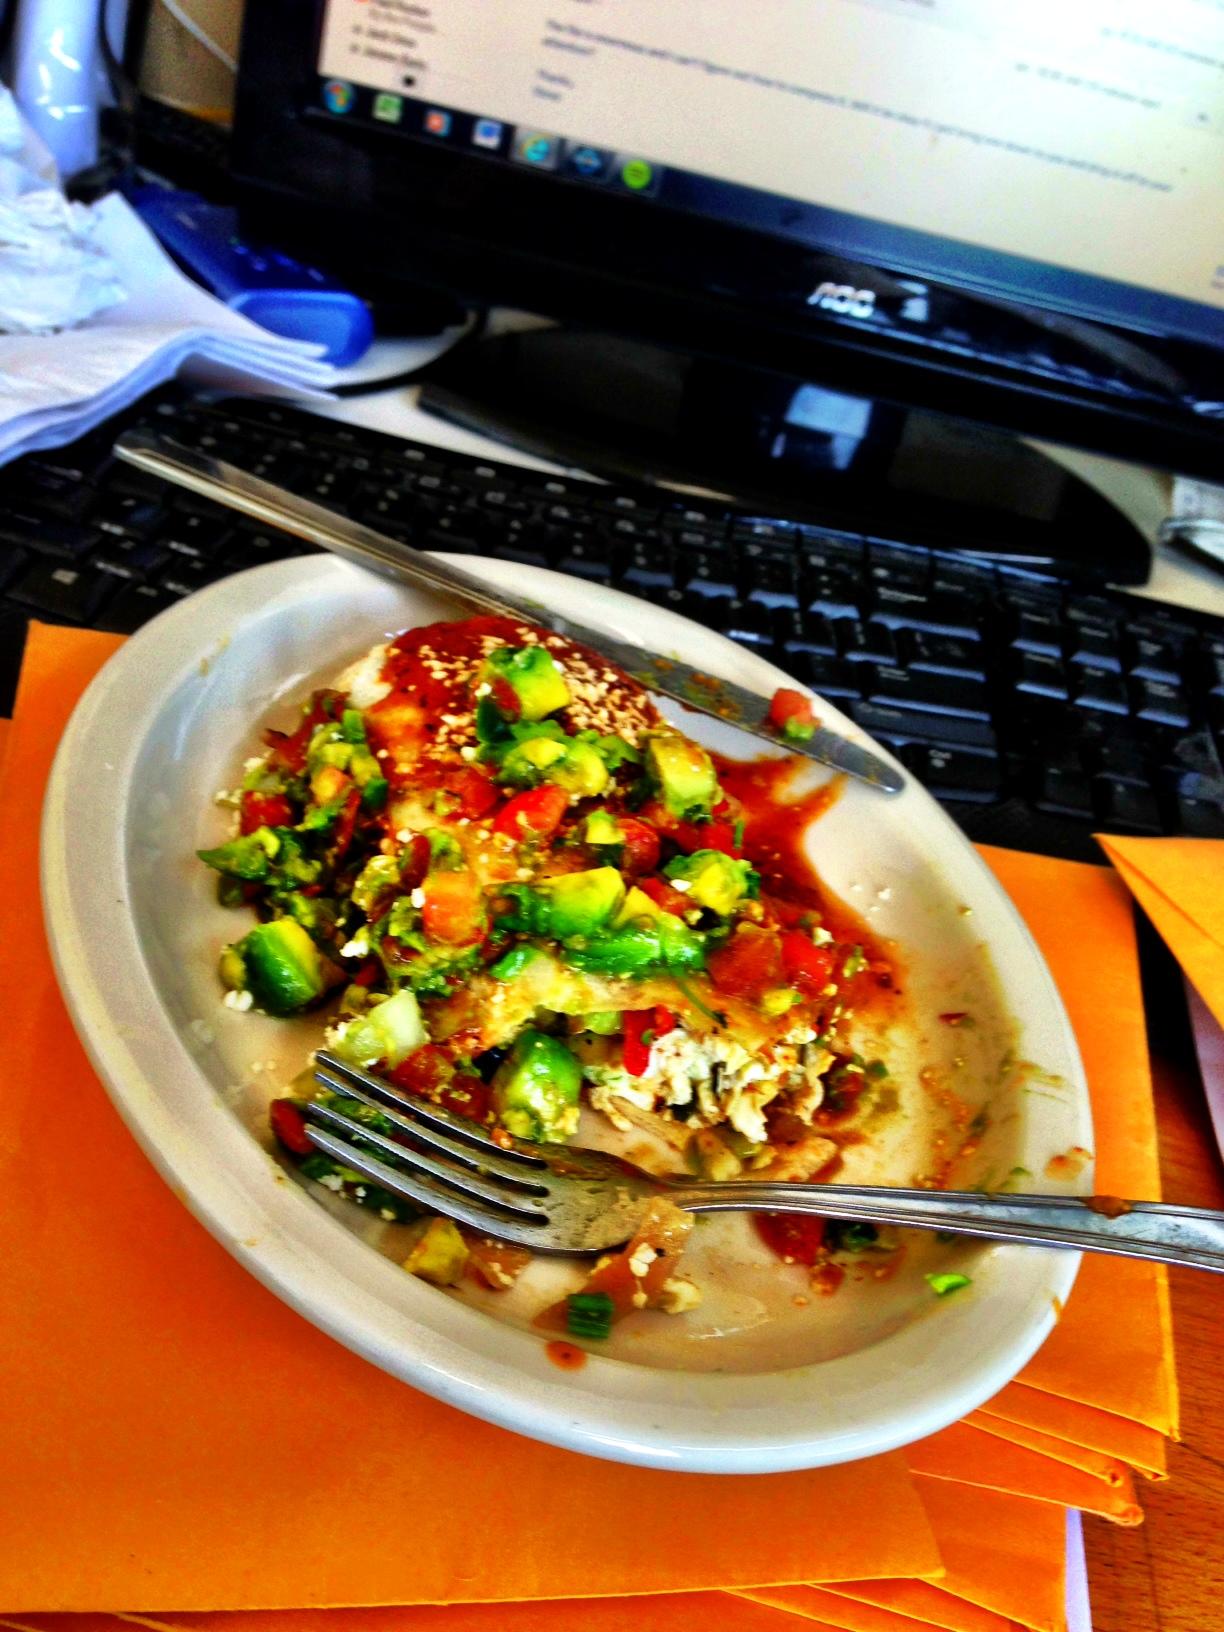 My egg white burrito!